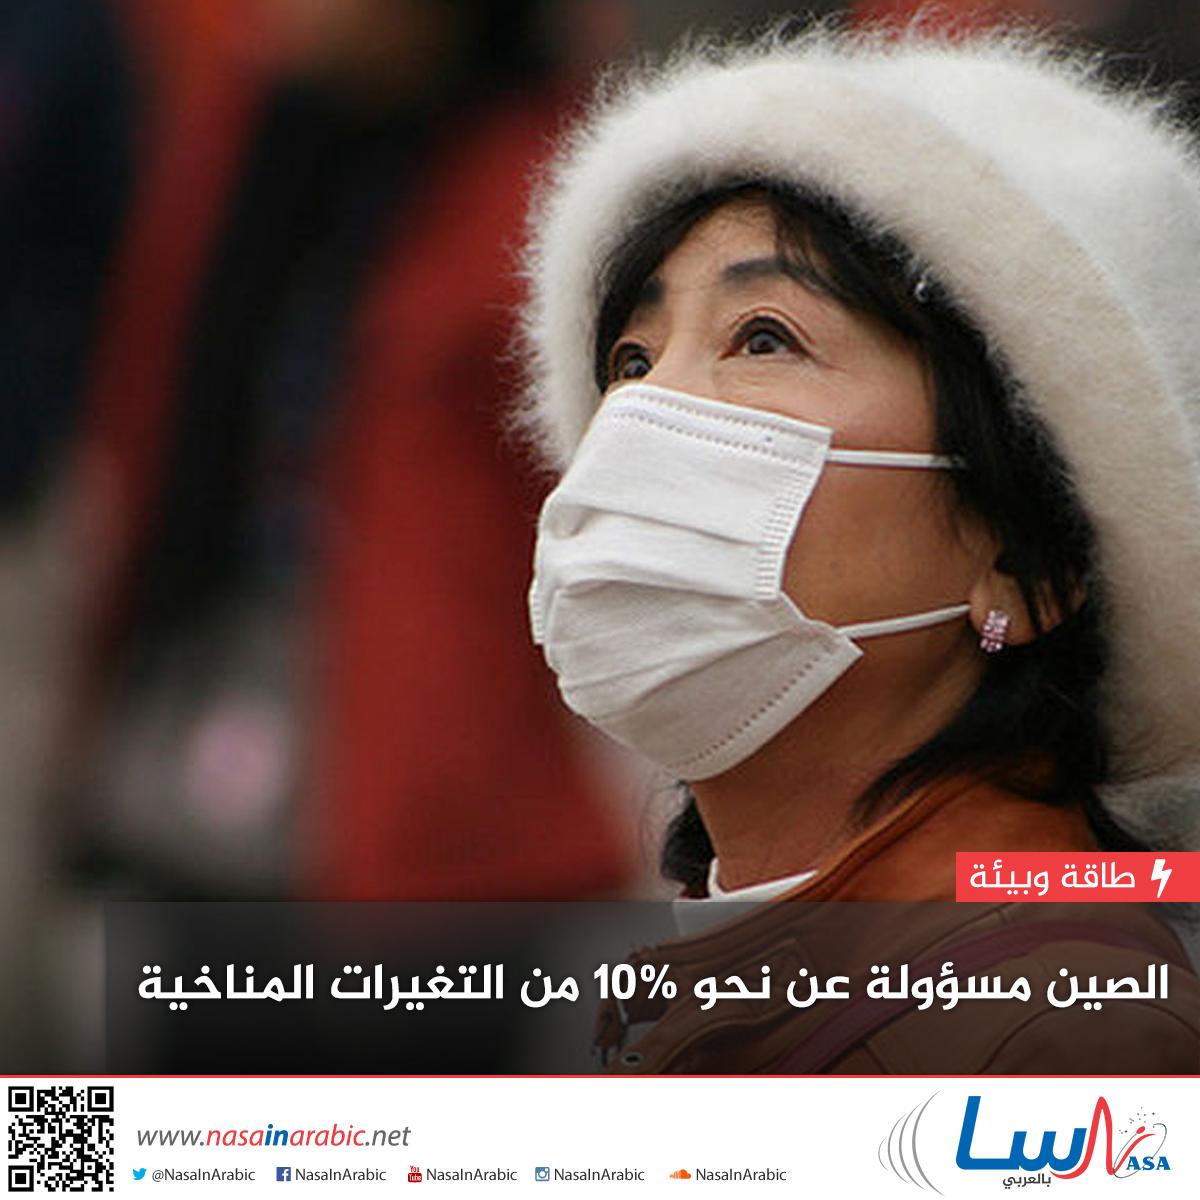 الصين مسؤولة عن نحو 10% من التغيرات المناخية